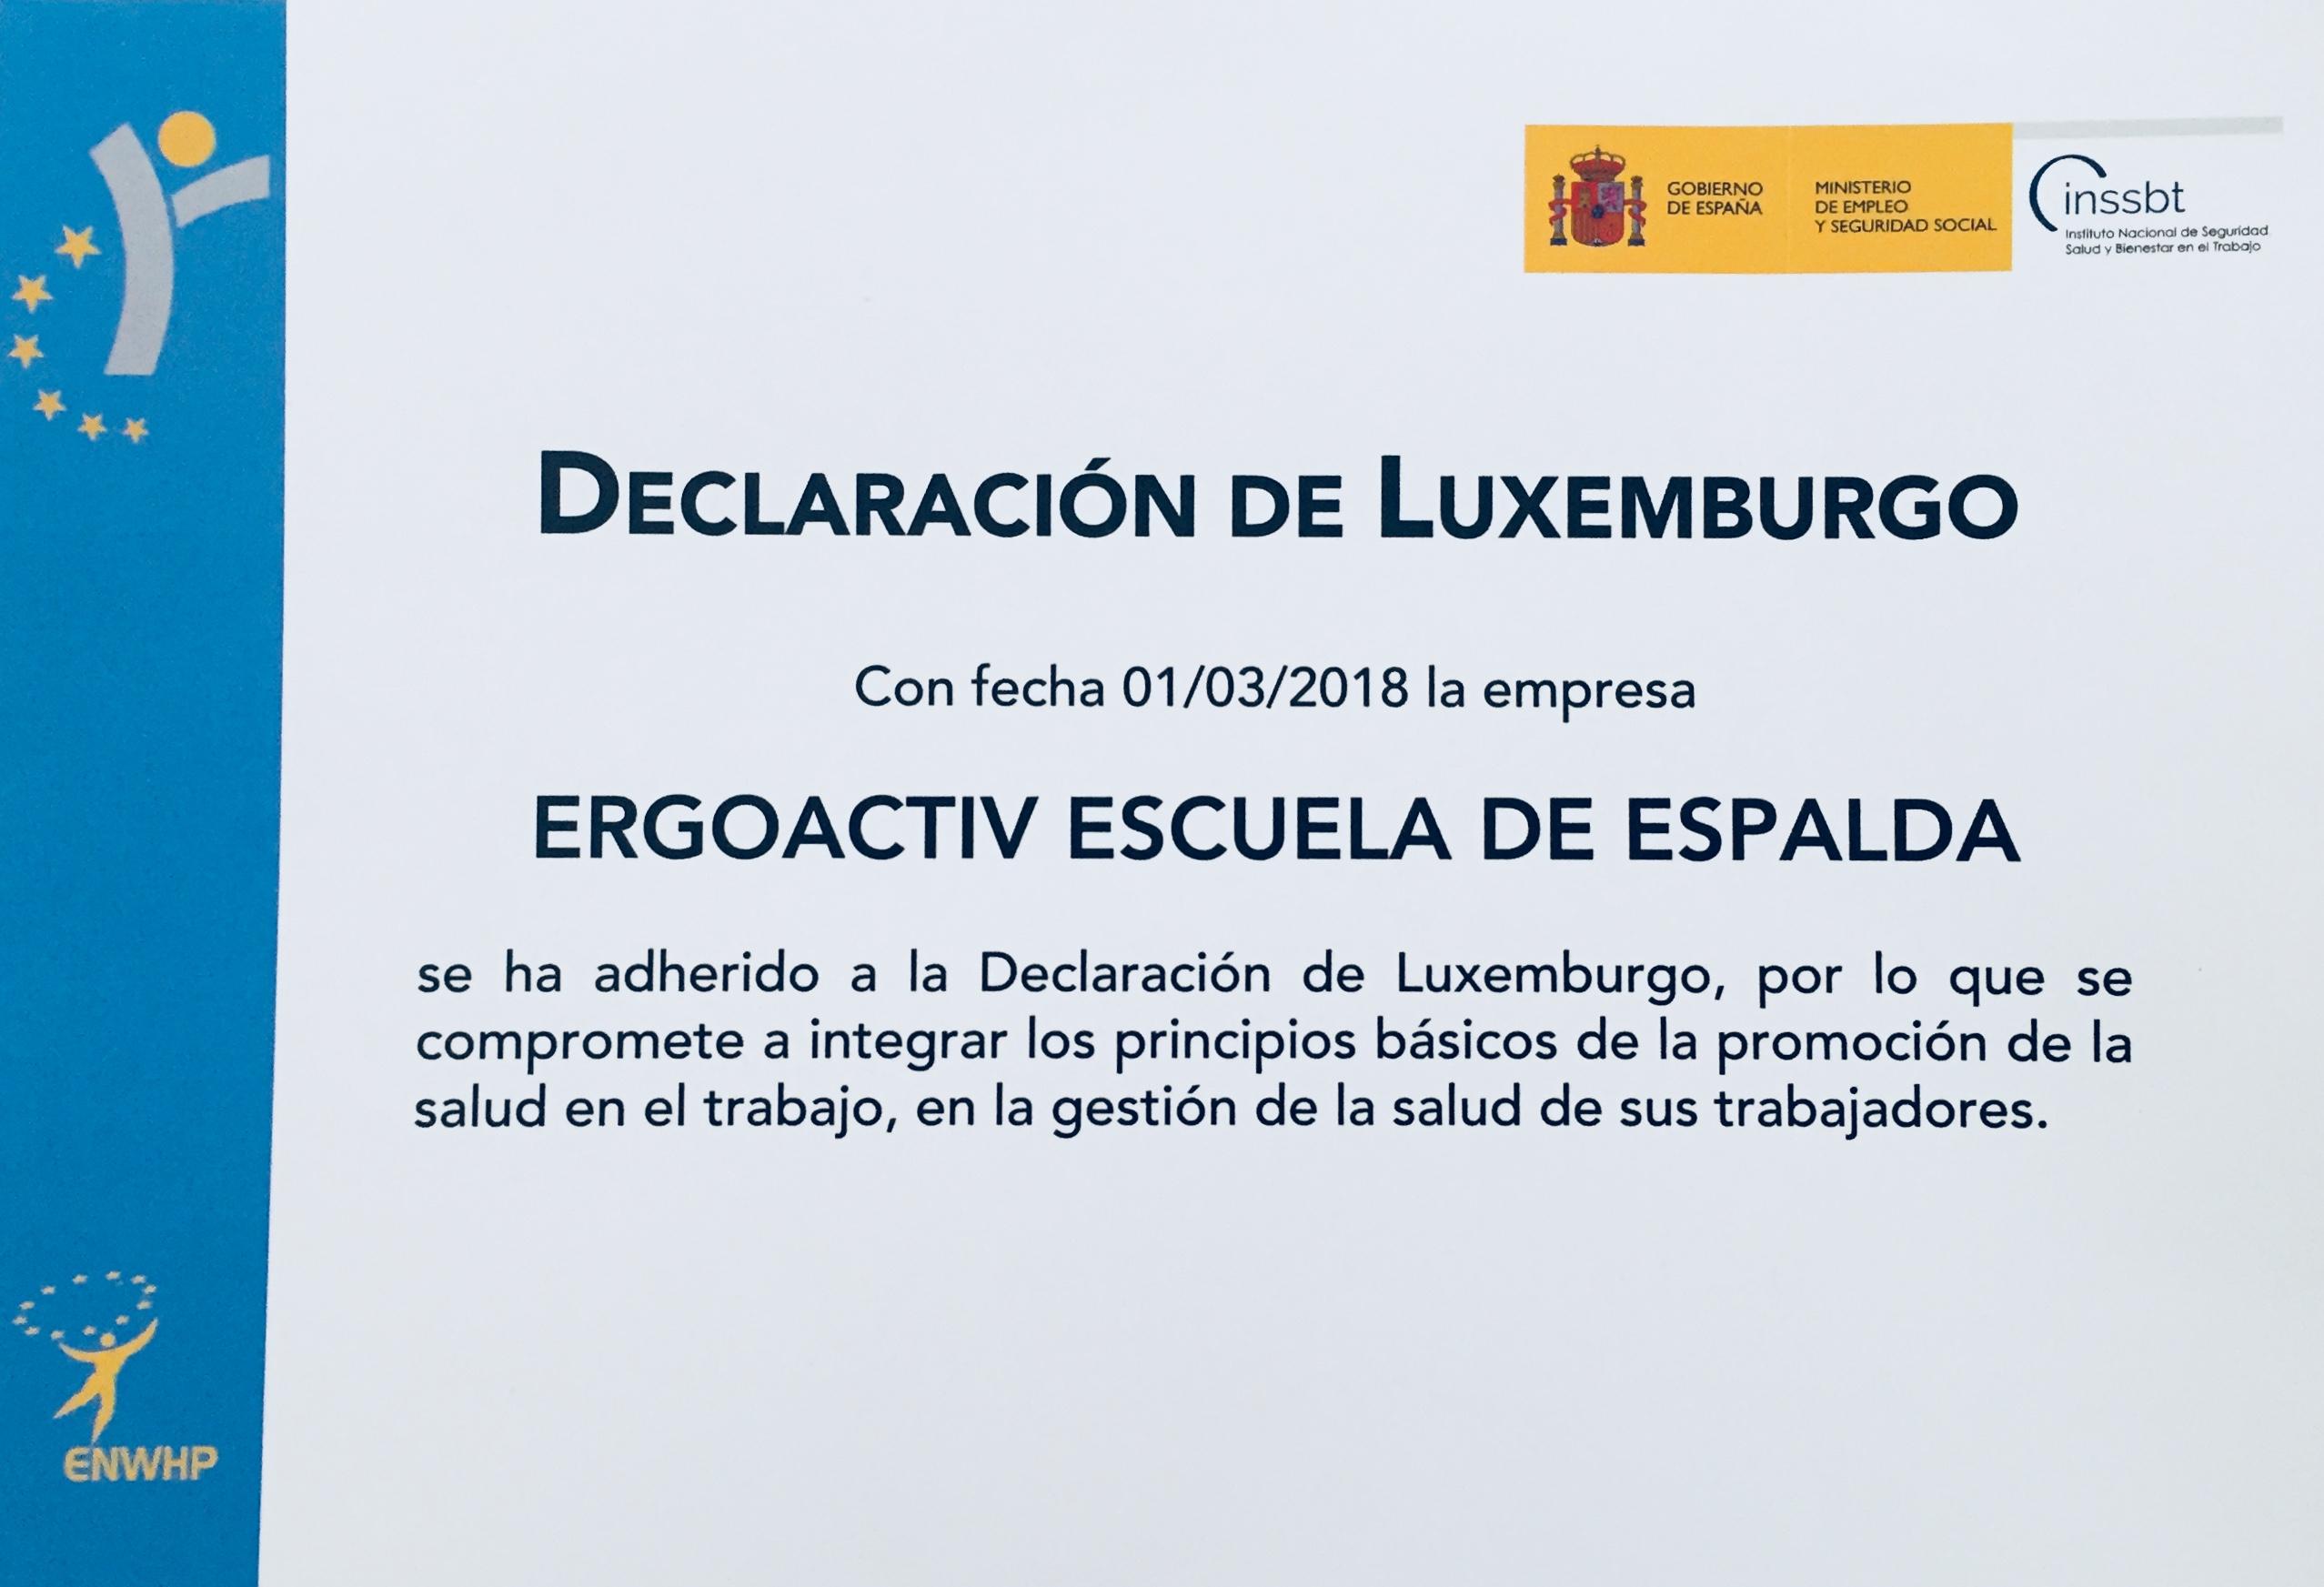 Ergoactiv se adhiere a la Declaración de Luxemburgo